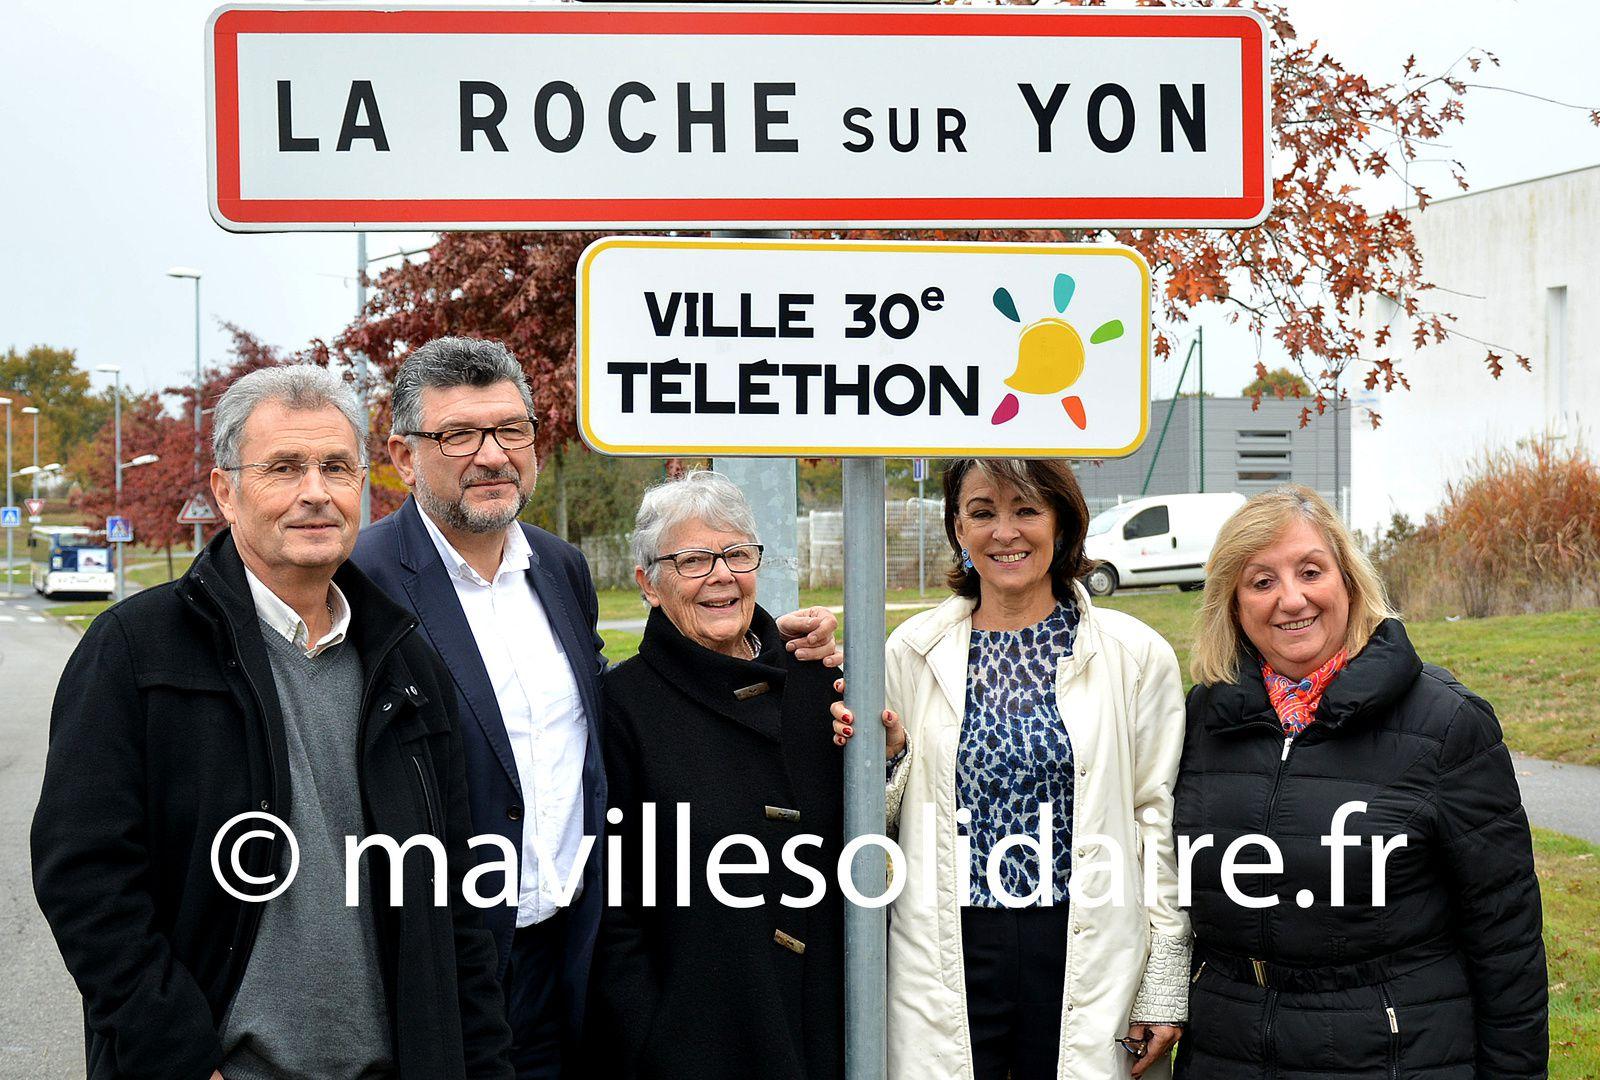 La Roche-sur-Yon. Le cœur de la ville va battre pour le Téléthon.